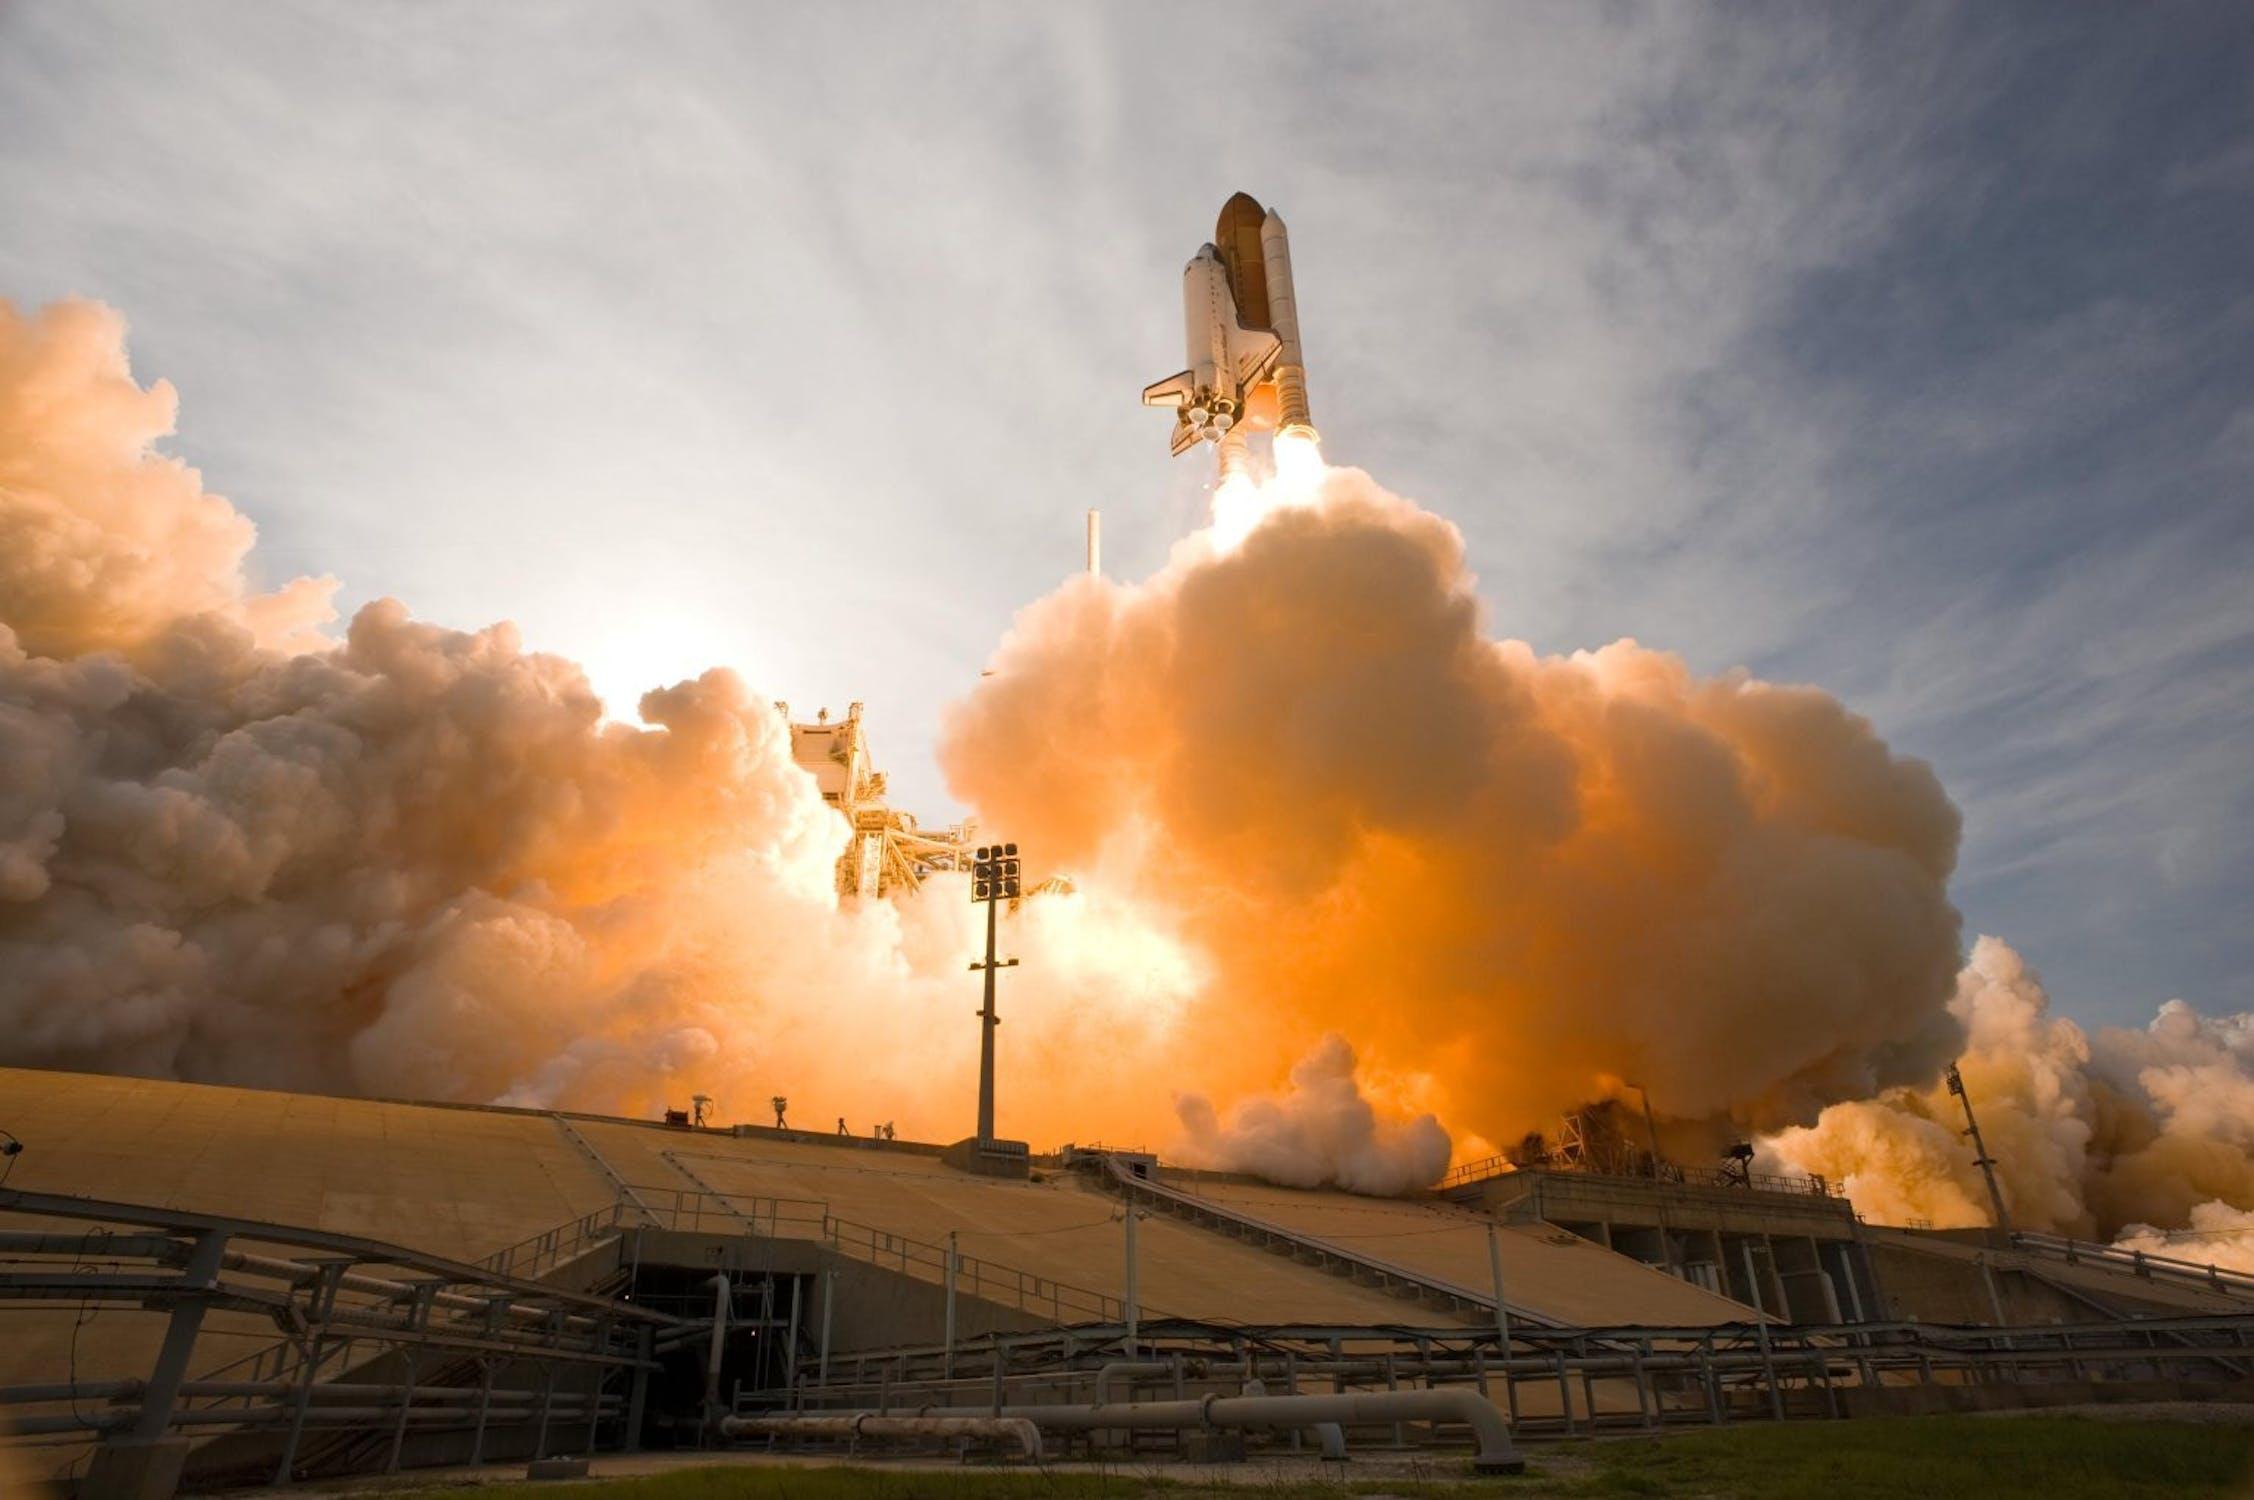 Mexicano en la NASA presenta estudio agronómico para misiones espaciales